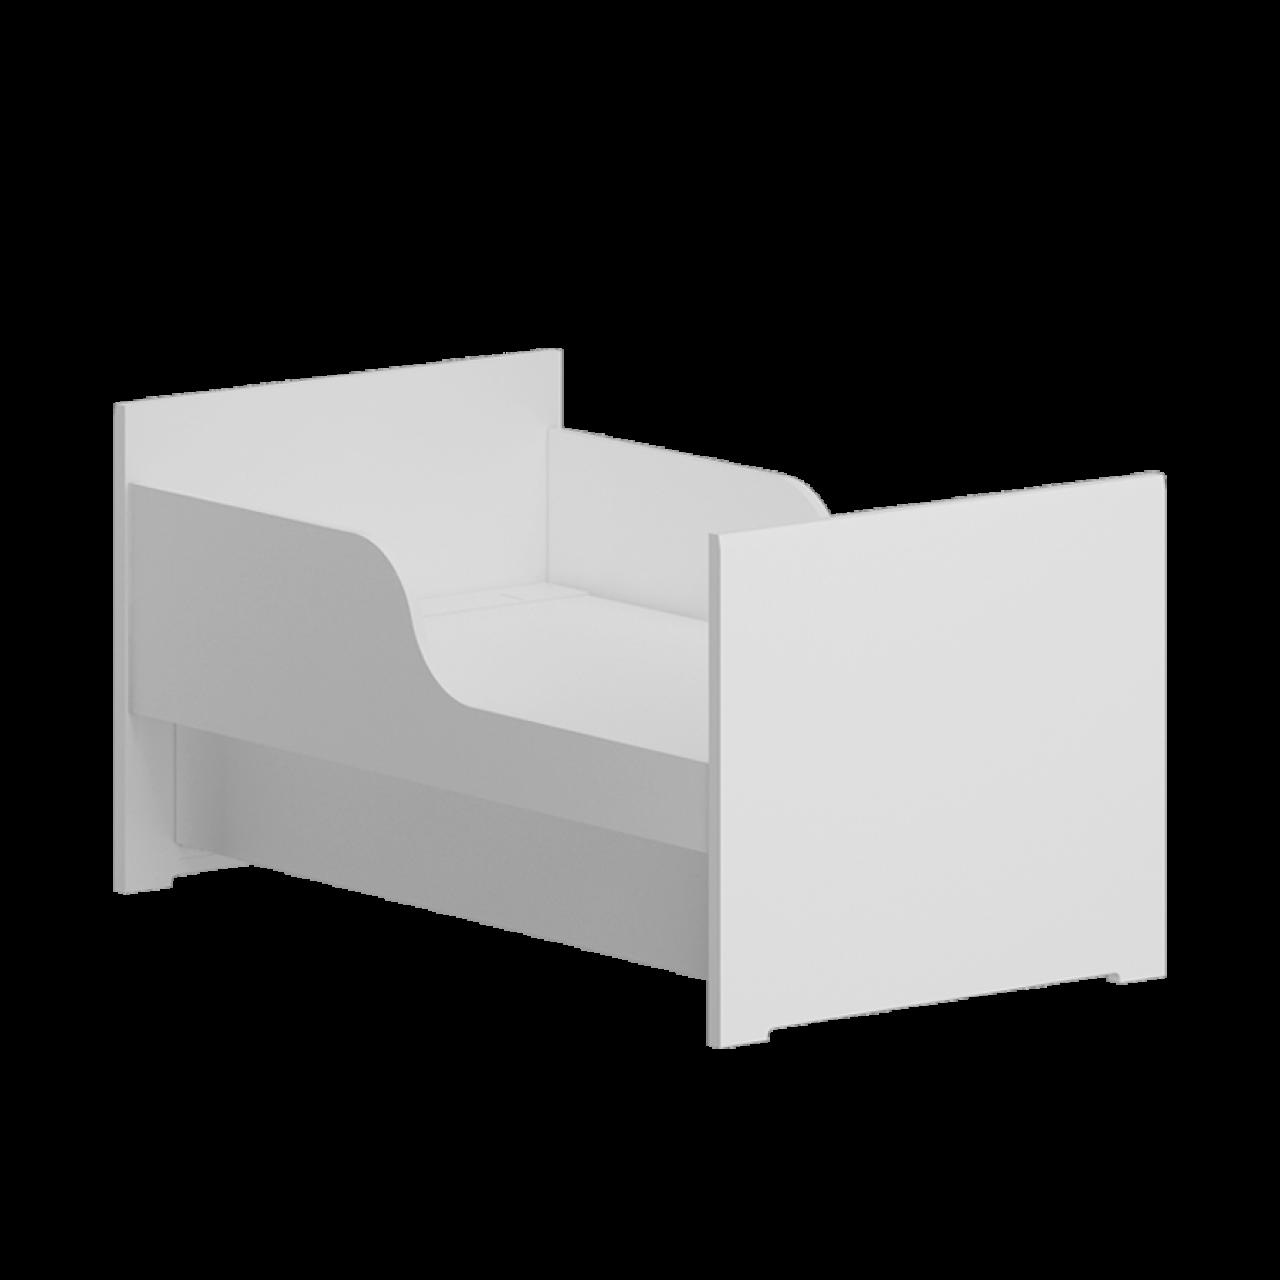 Berço Soft com Acrílico - Divicar  Ref:3183BAT8